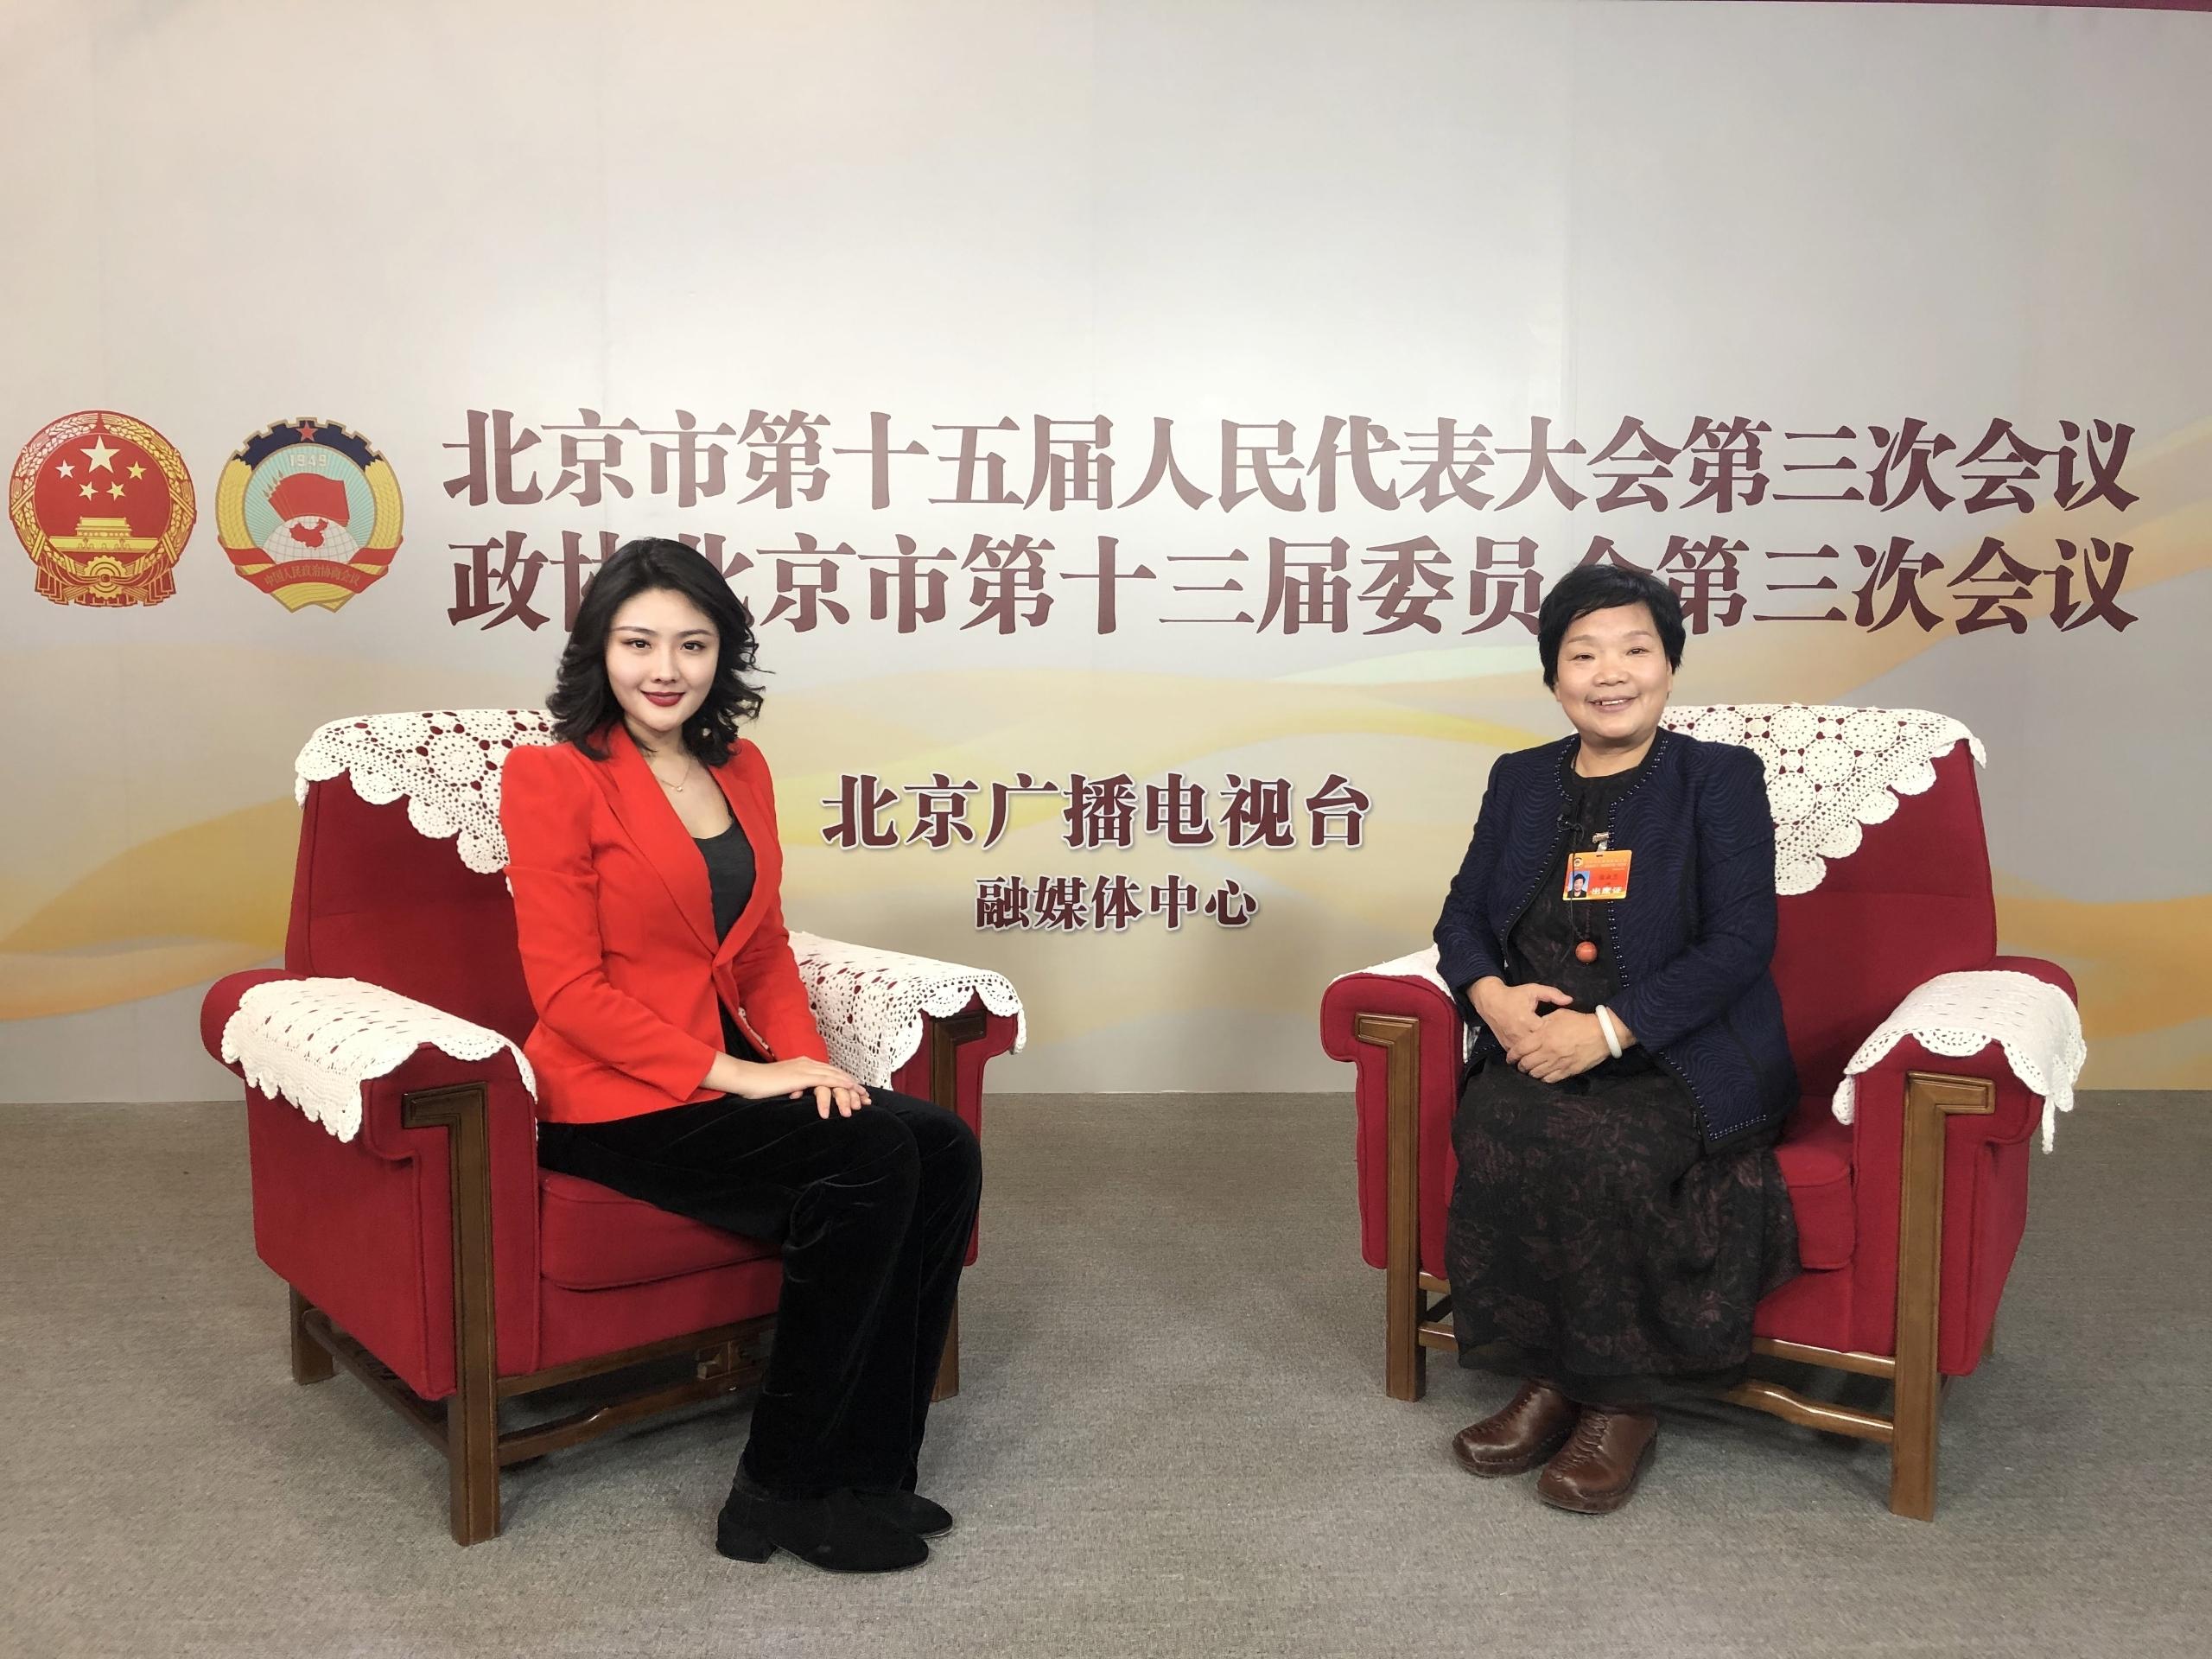 北京市政协委员徐淑兰:北京城市副中心夜景照明提升工程